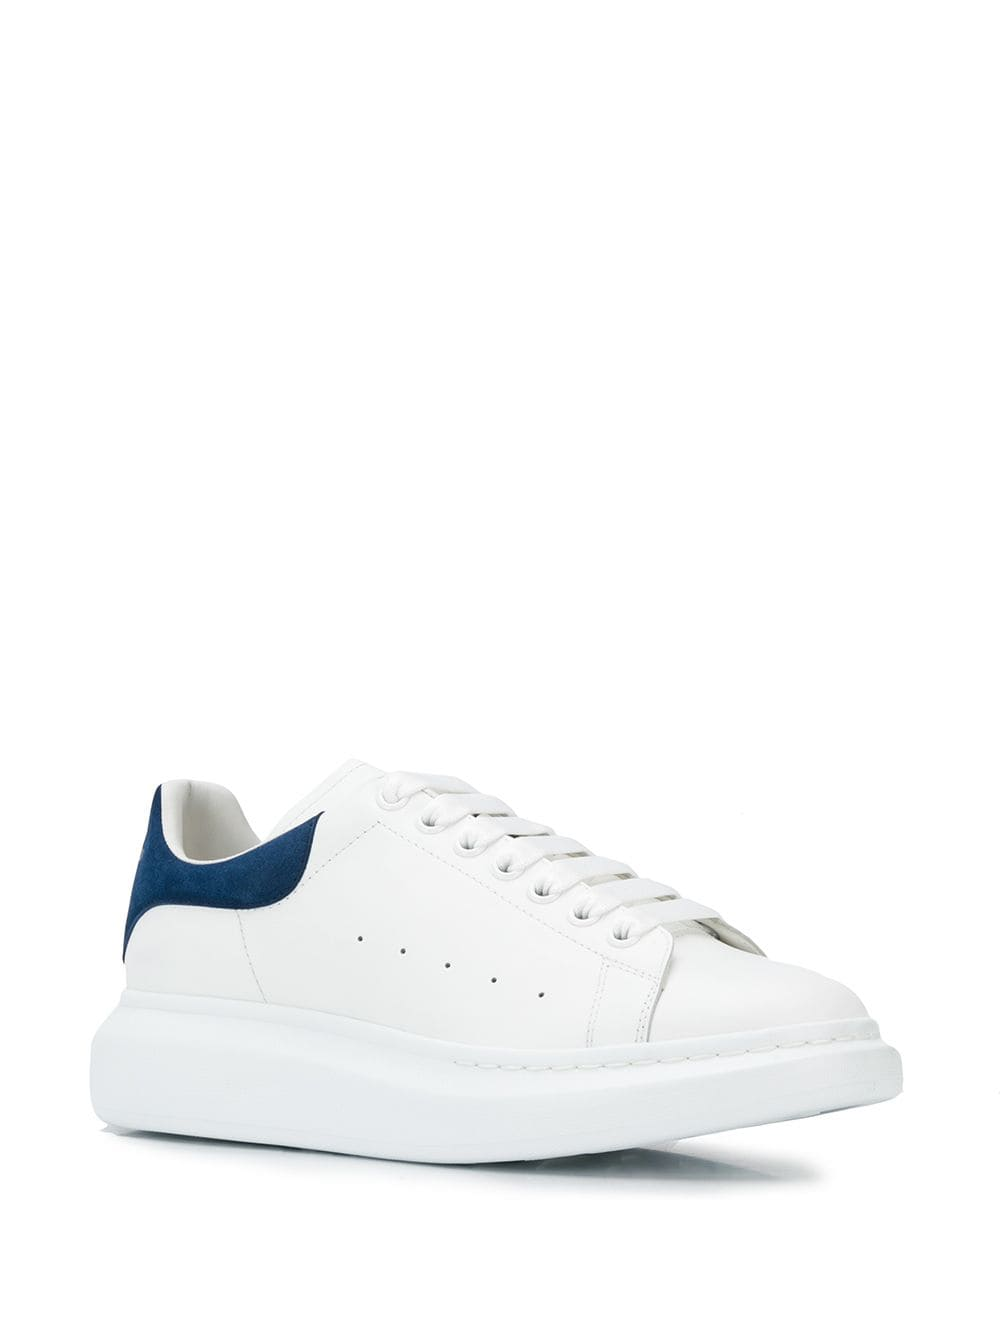 Alexander McQueen Calzature Sneakers Oversize